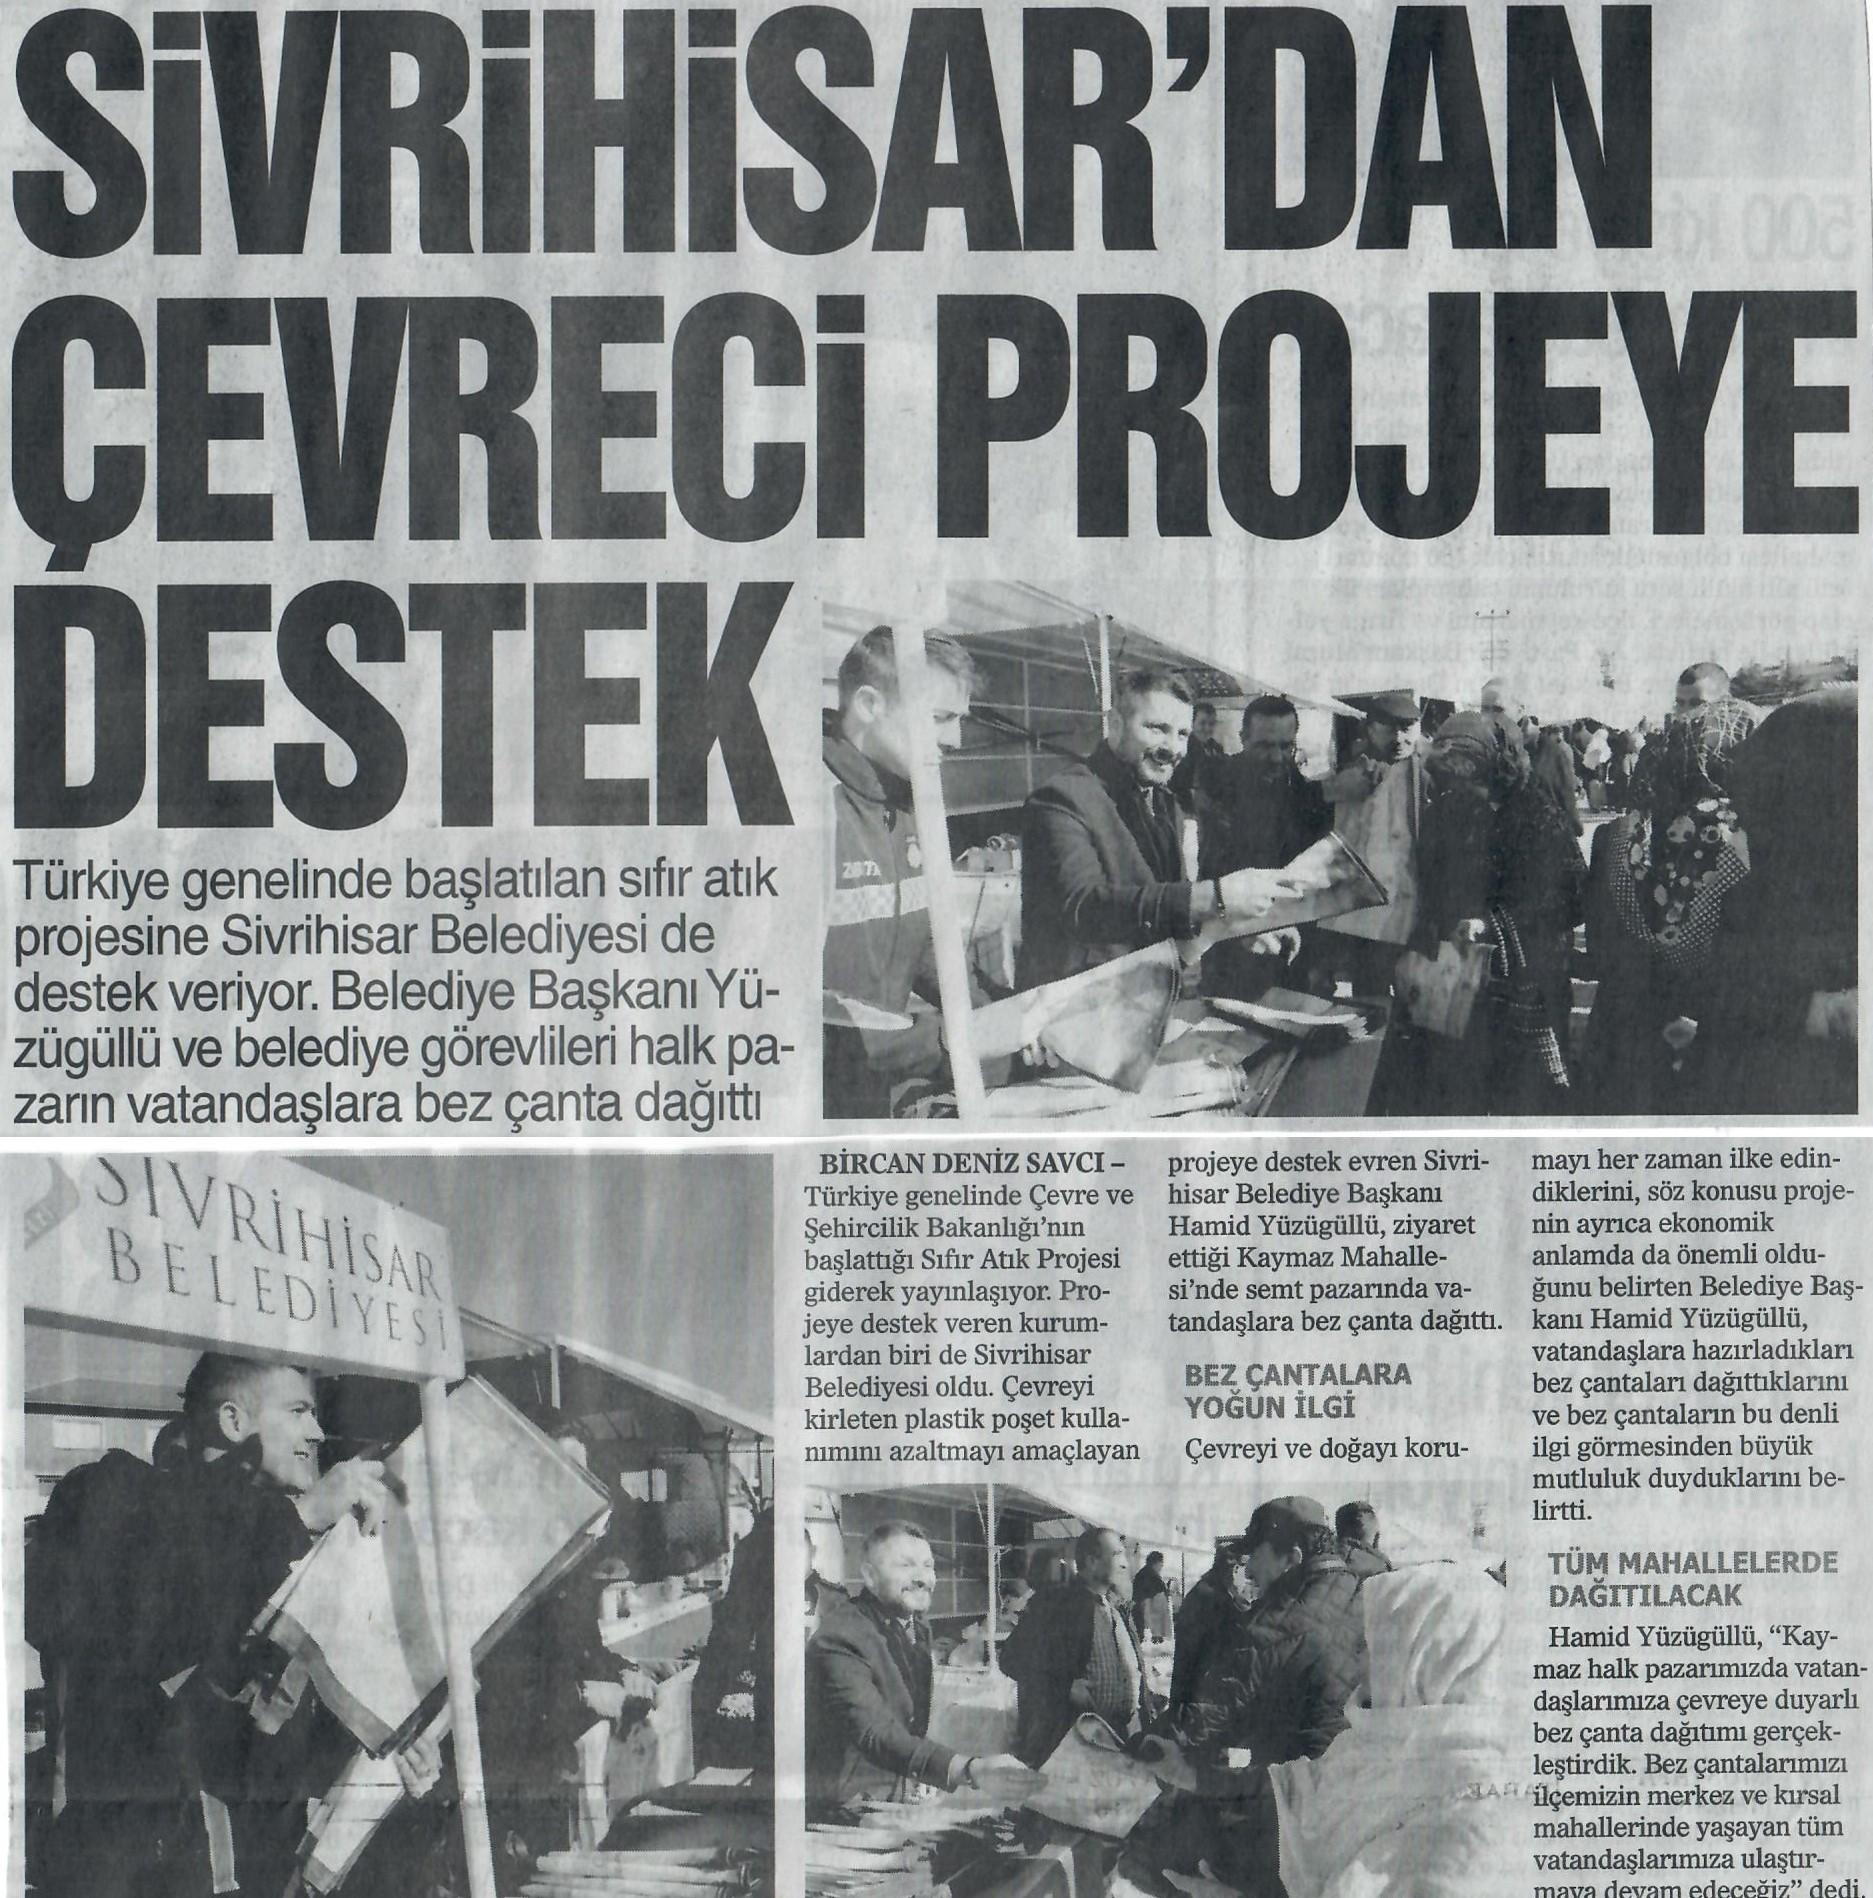 SİVRİHİSAR'DAN ÇEVRECİ PROJEYE DESTEK